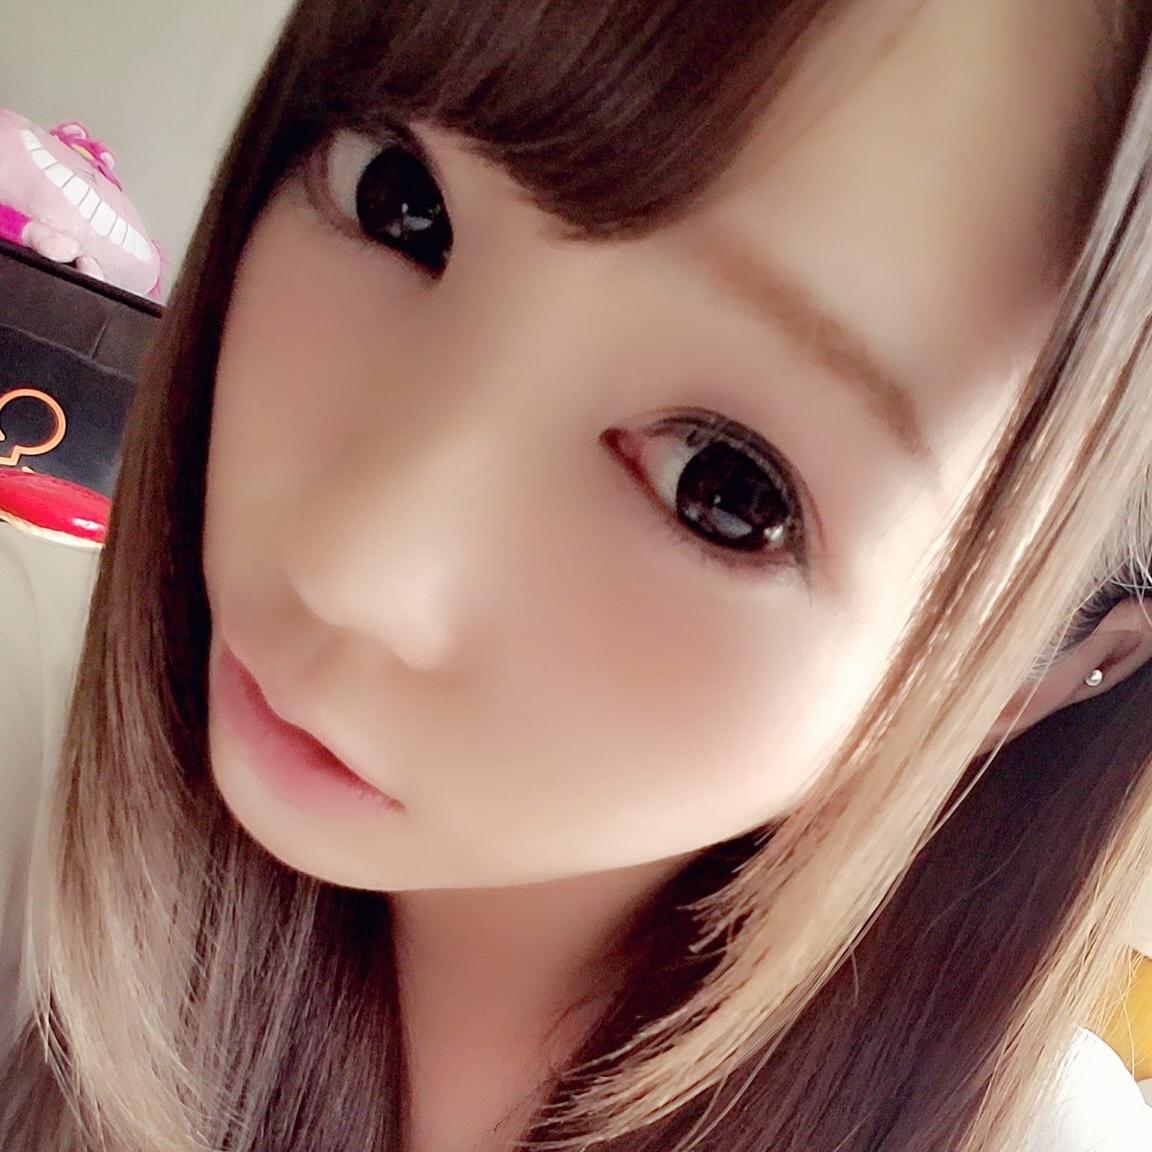 セバスチャン@赤星李のプロフィール画像